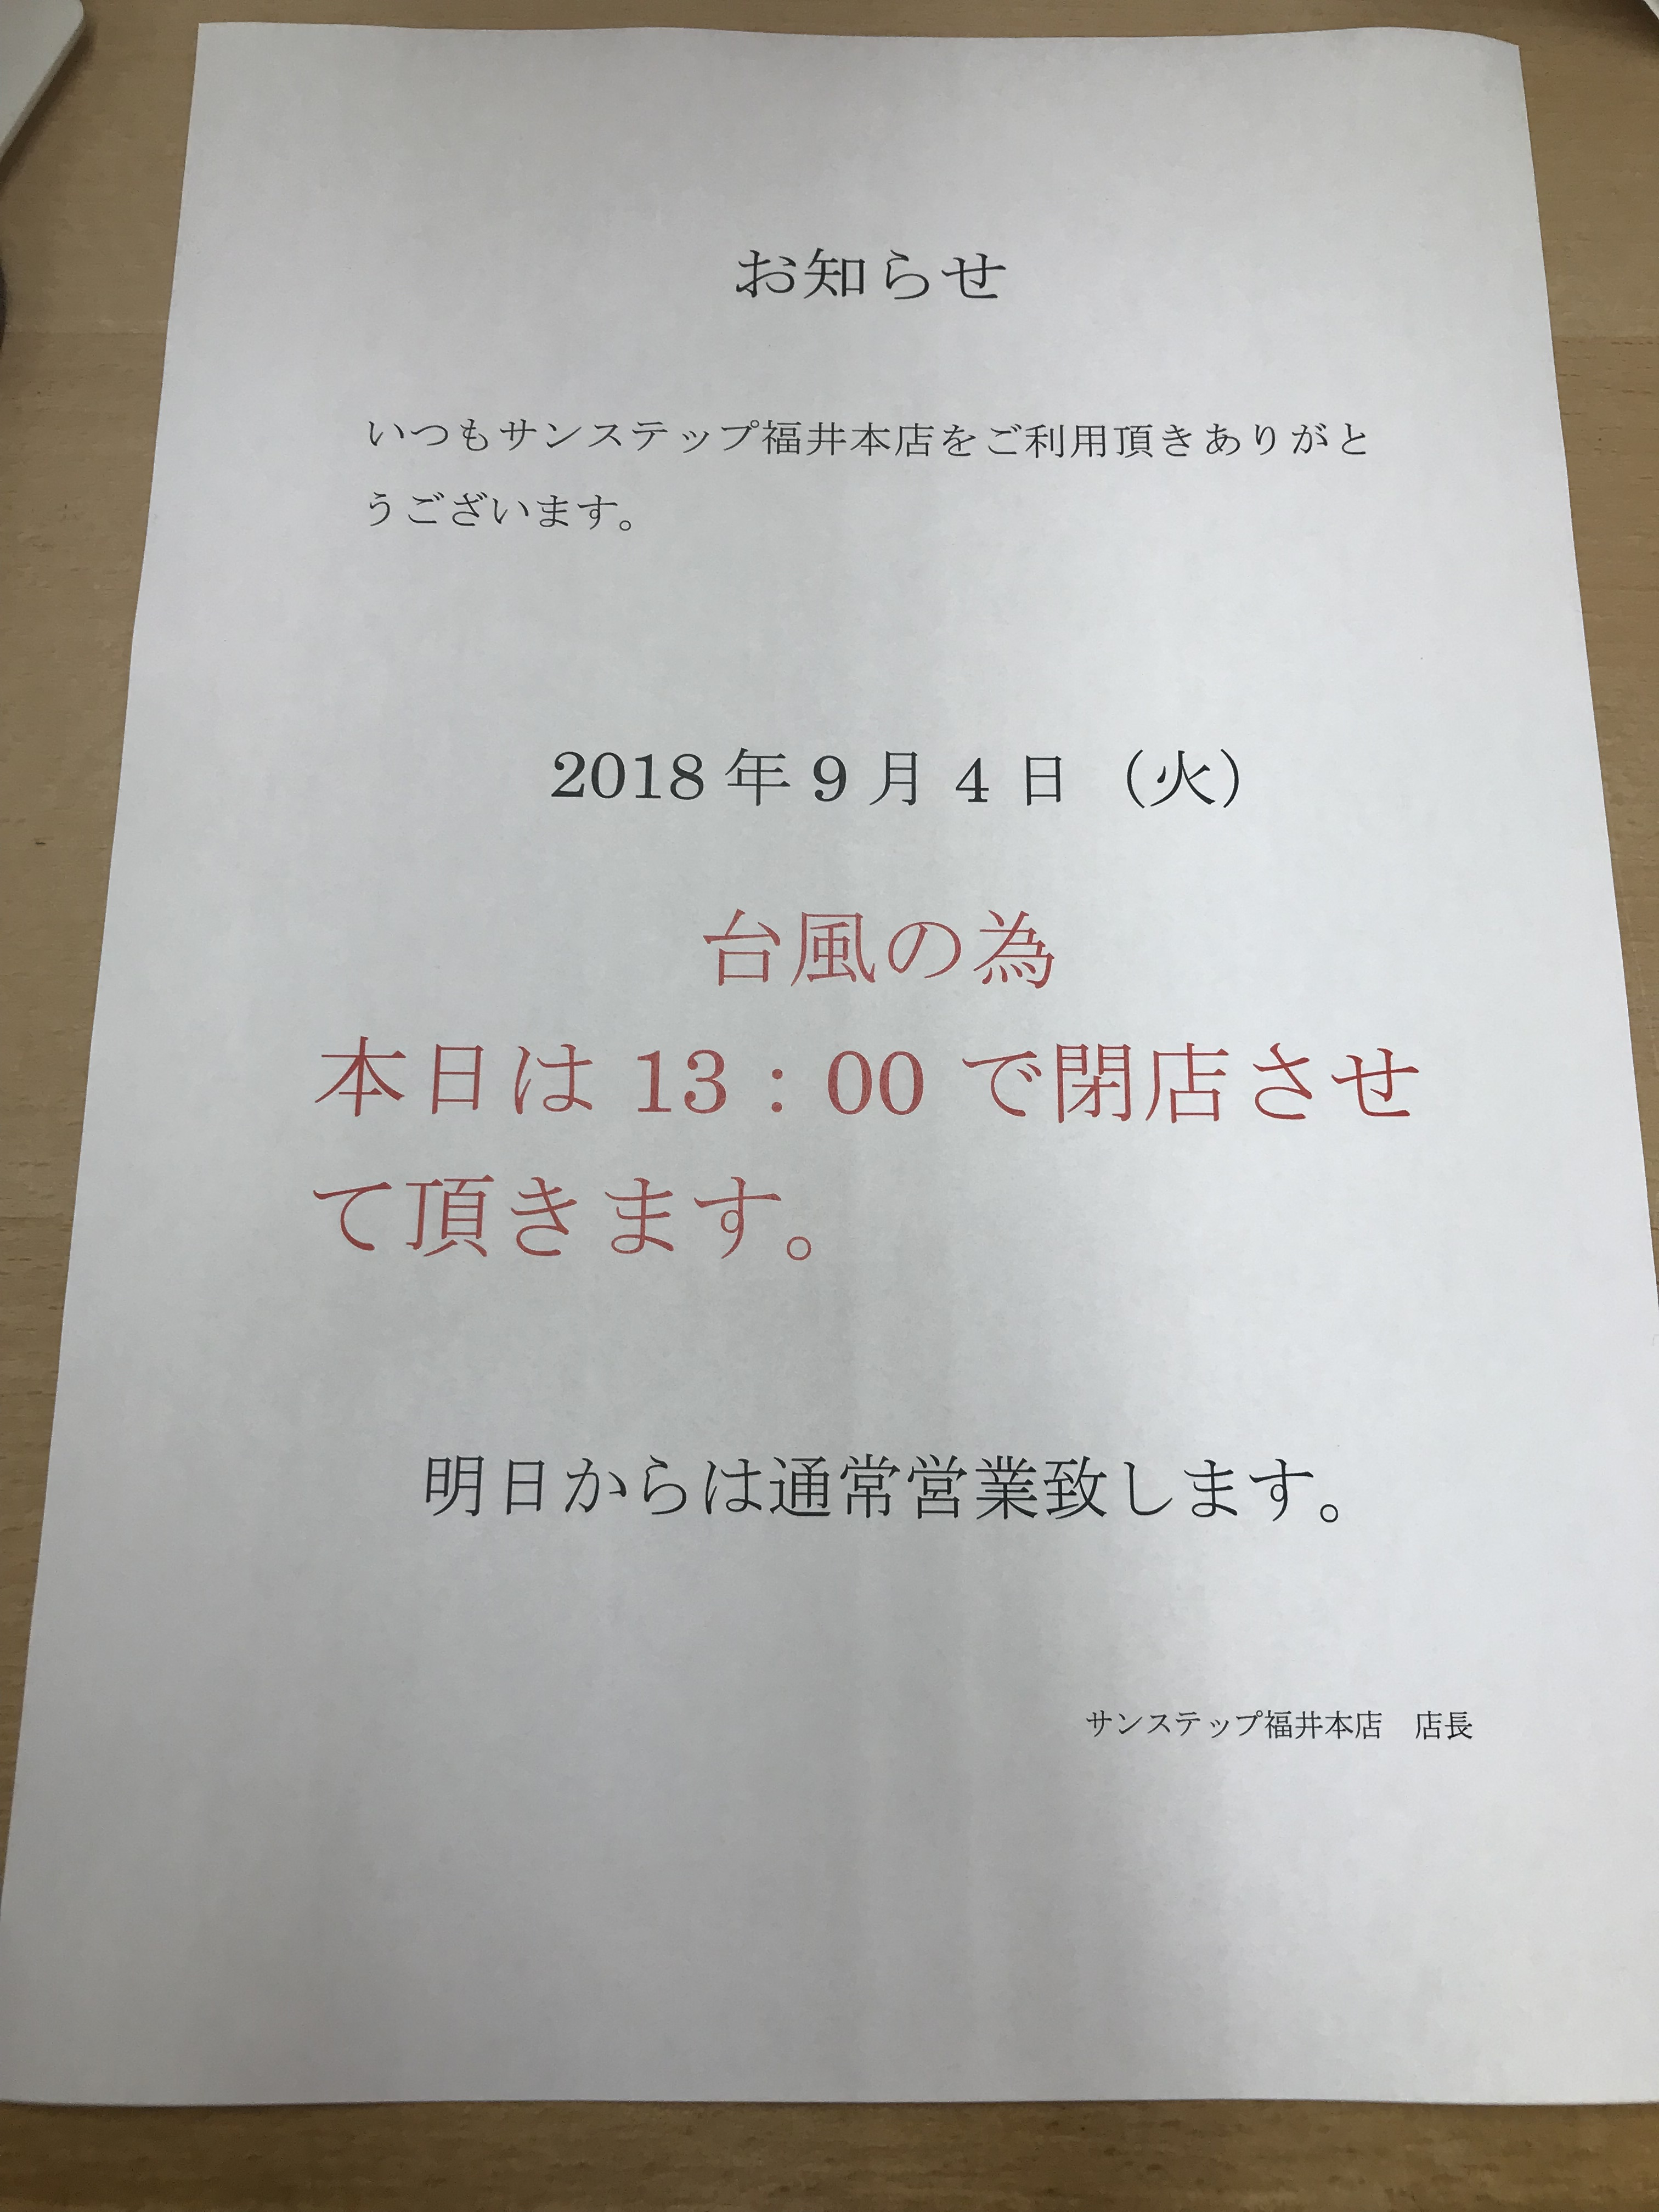 お知らせ サンステップ福井本店